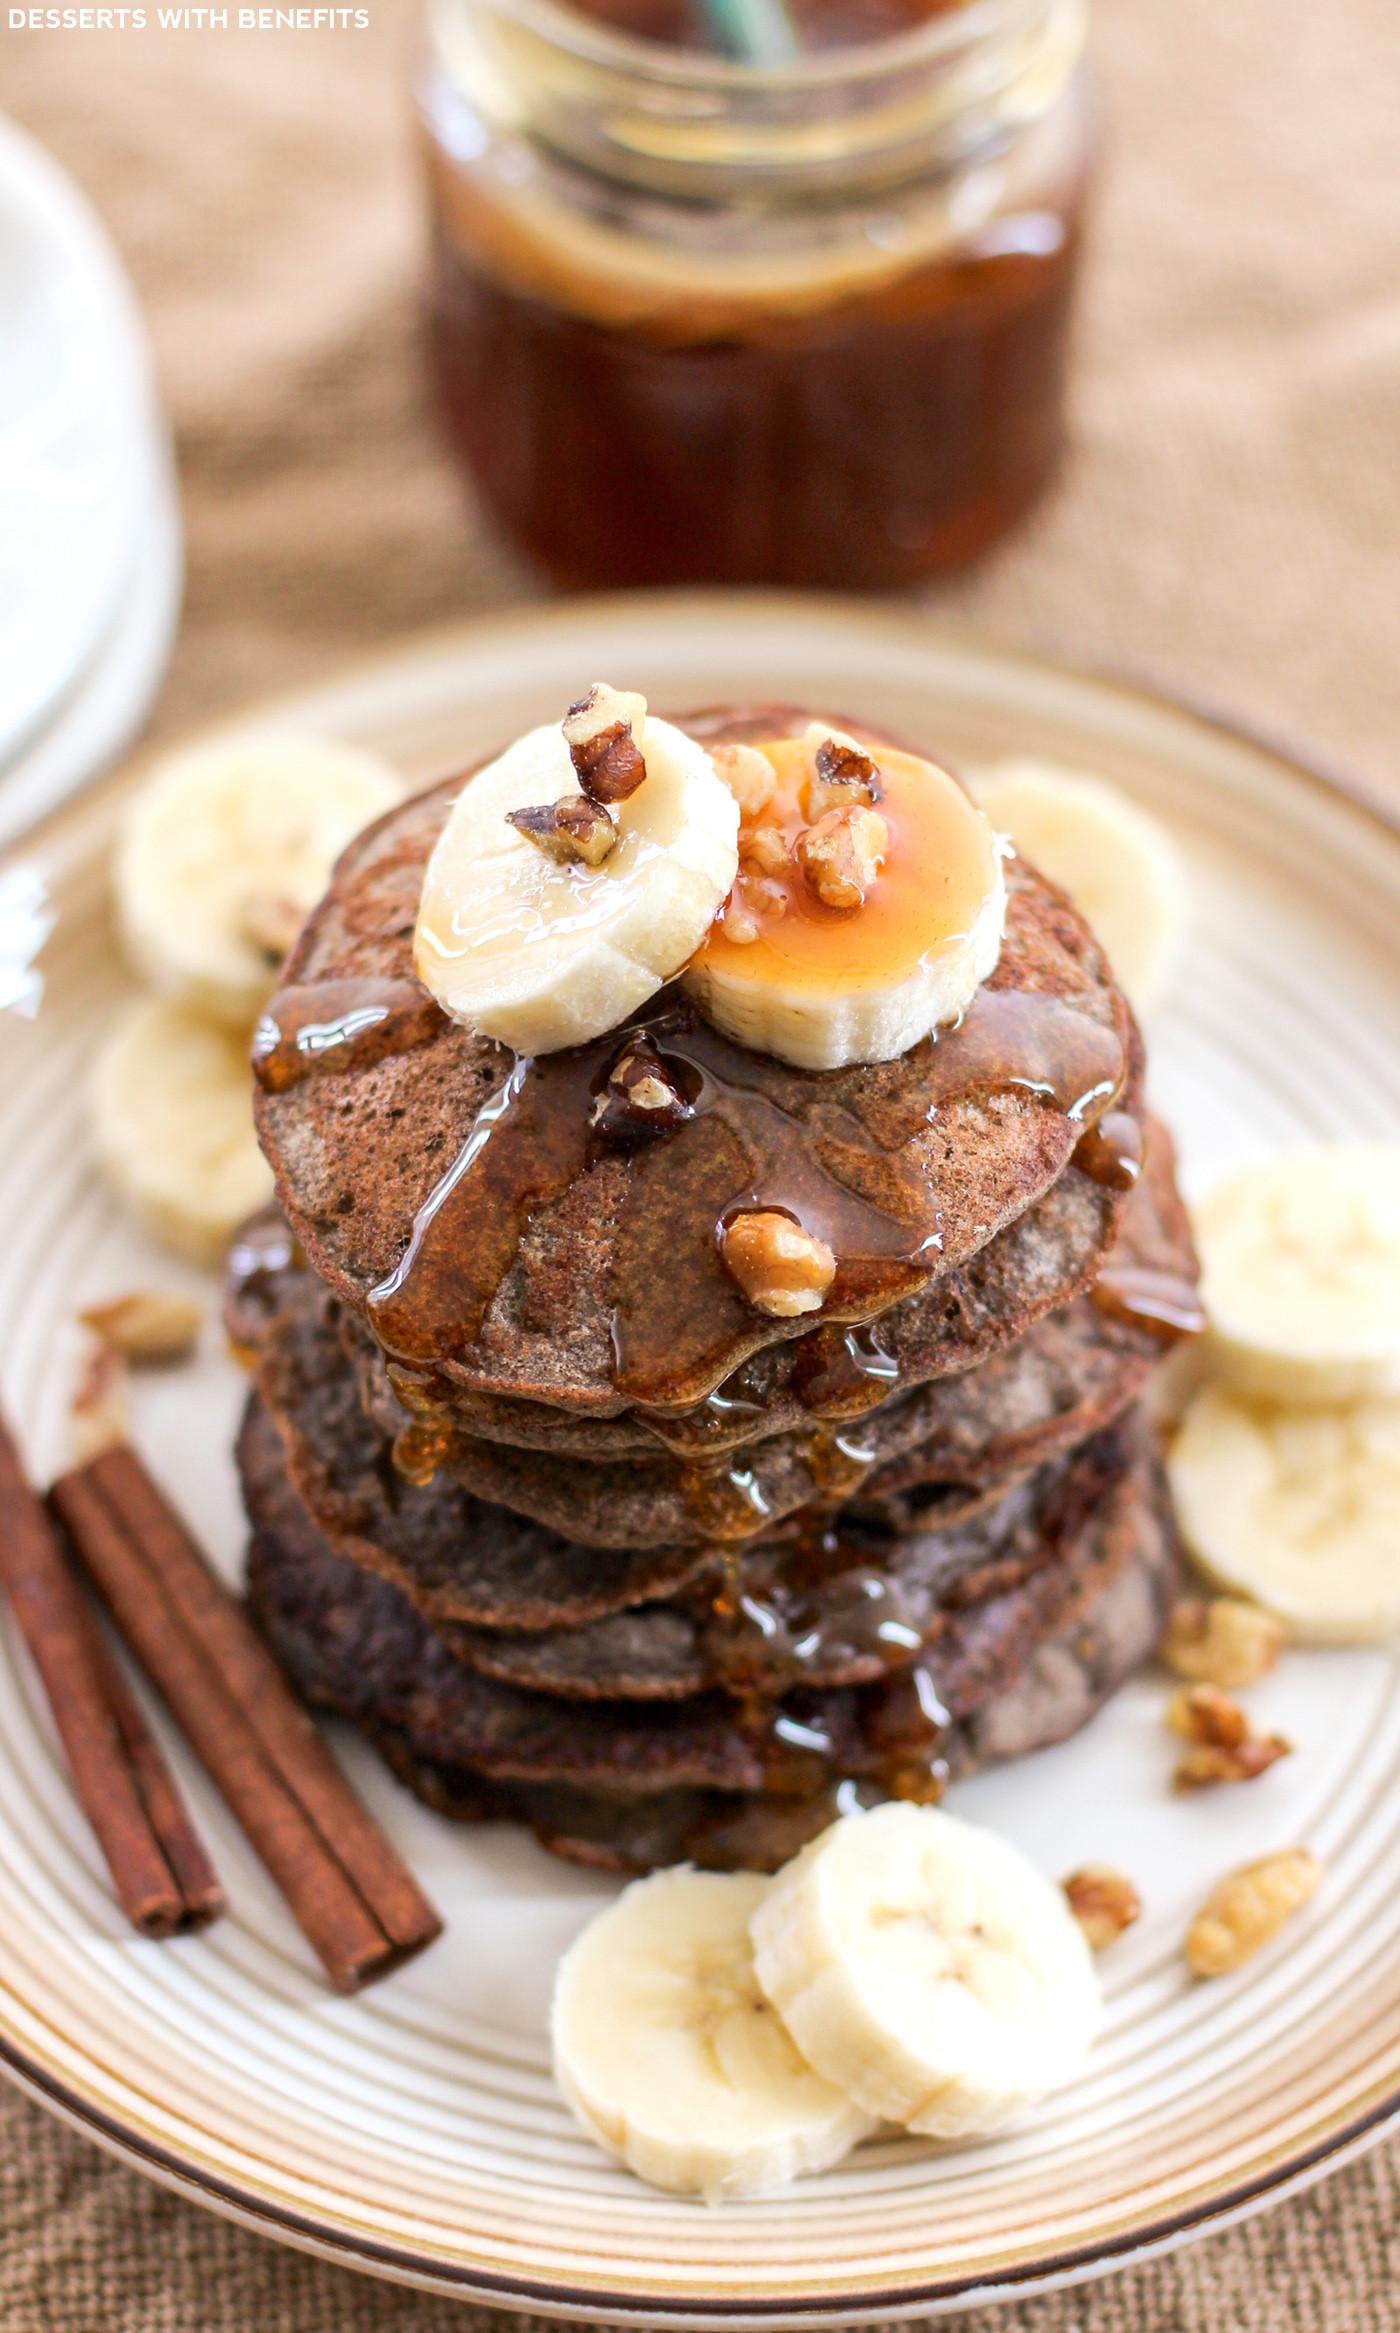 Banana Recipes Healthy  Healthy Banana Buckwheat Pancakes Recipe low fat gluten